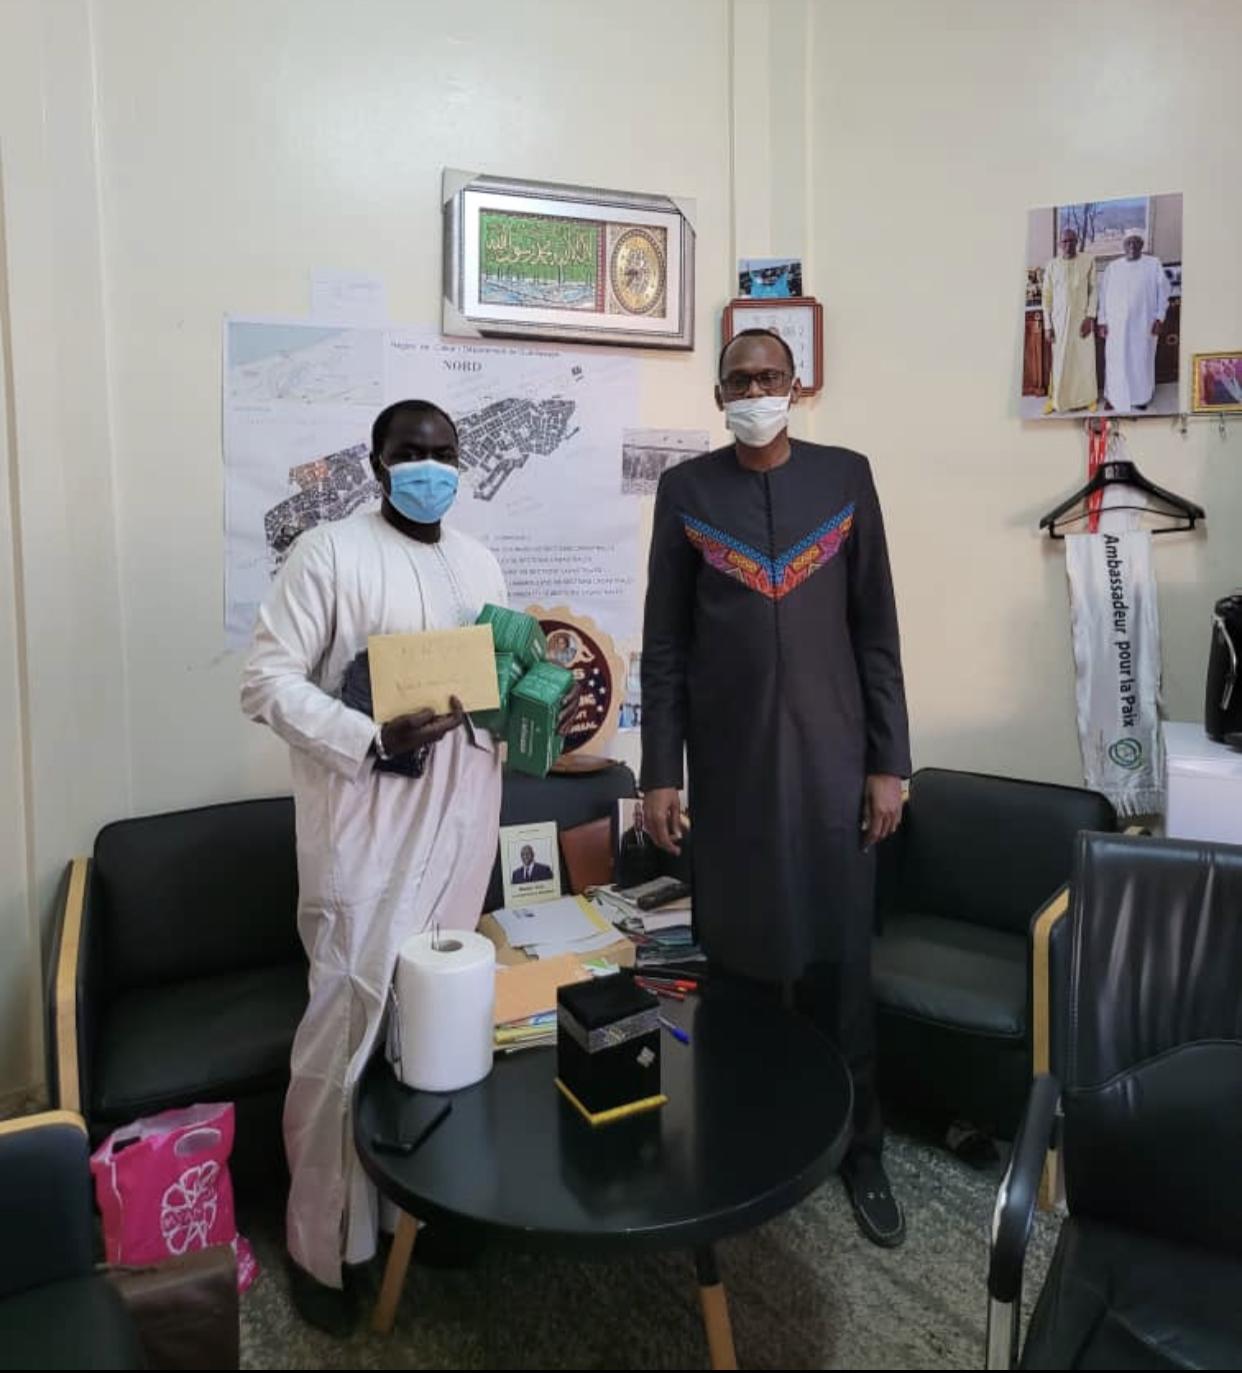 500 masques offerts aux étudiants thiessois de Ziguinchor :«Le combat contre la Covid-19 est l'affaire de tous, notre survie en dépend» (Habib Niang)